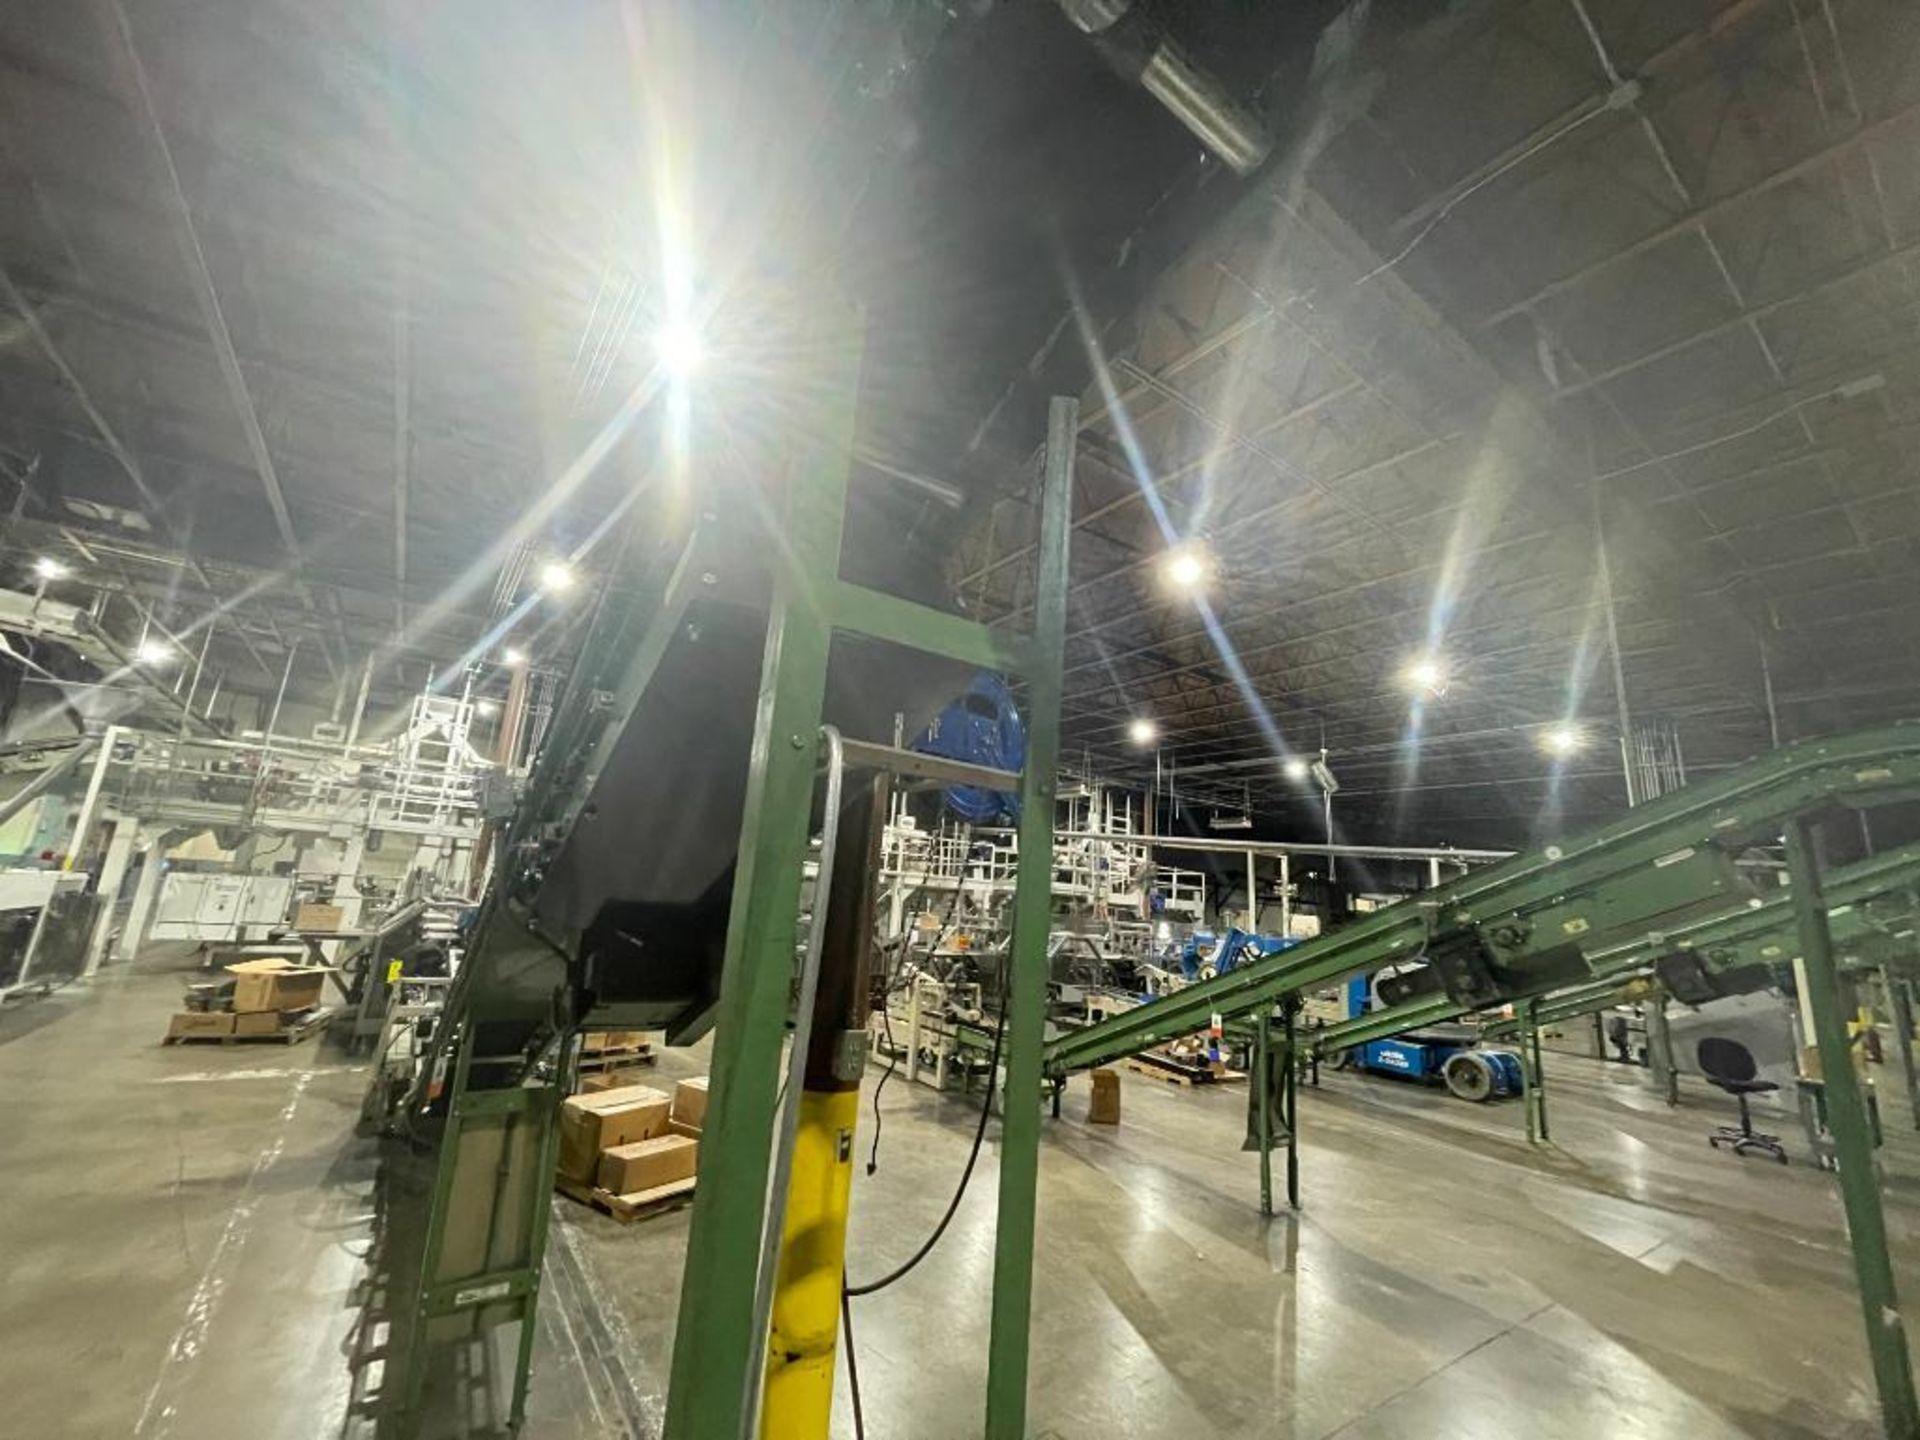 Buschman mild steel incline conveyor - Image 7 of 15